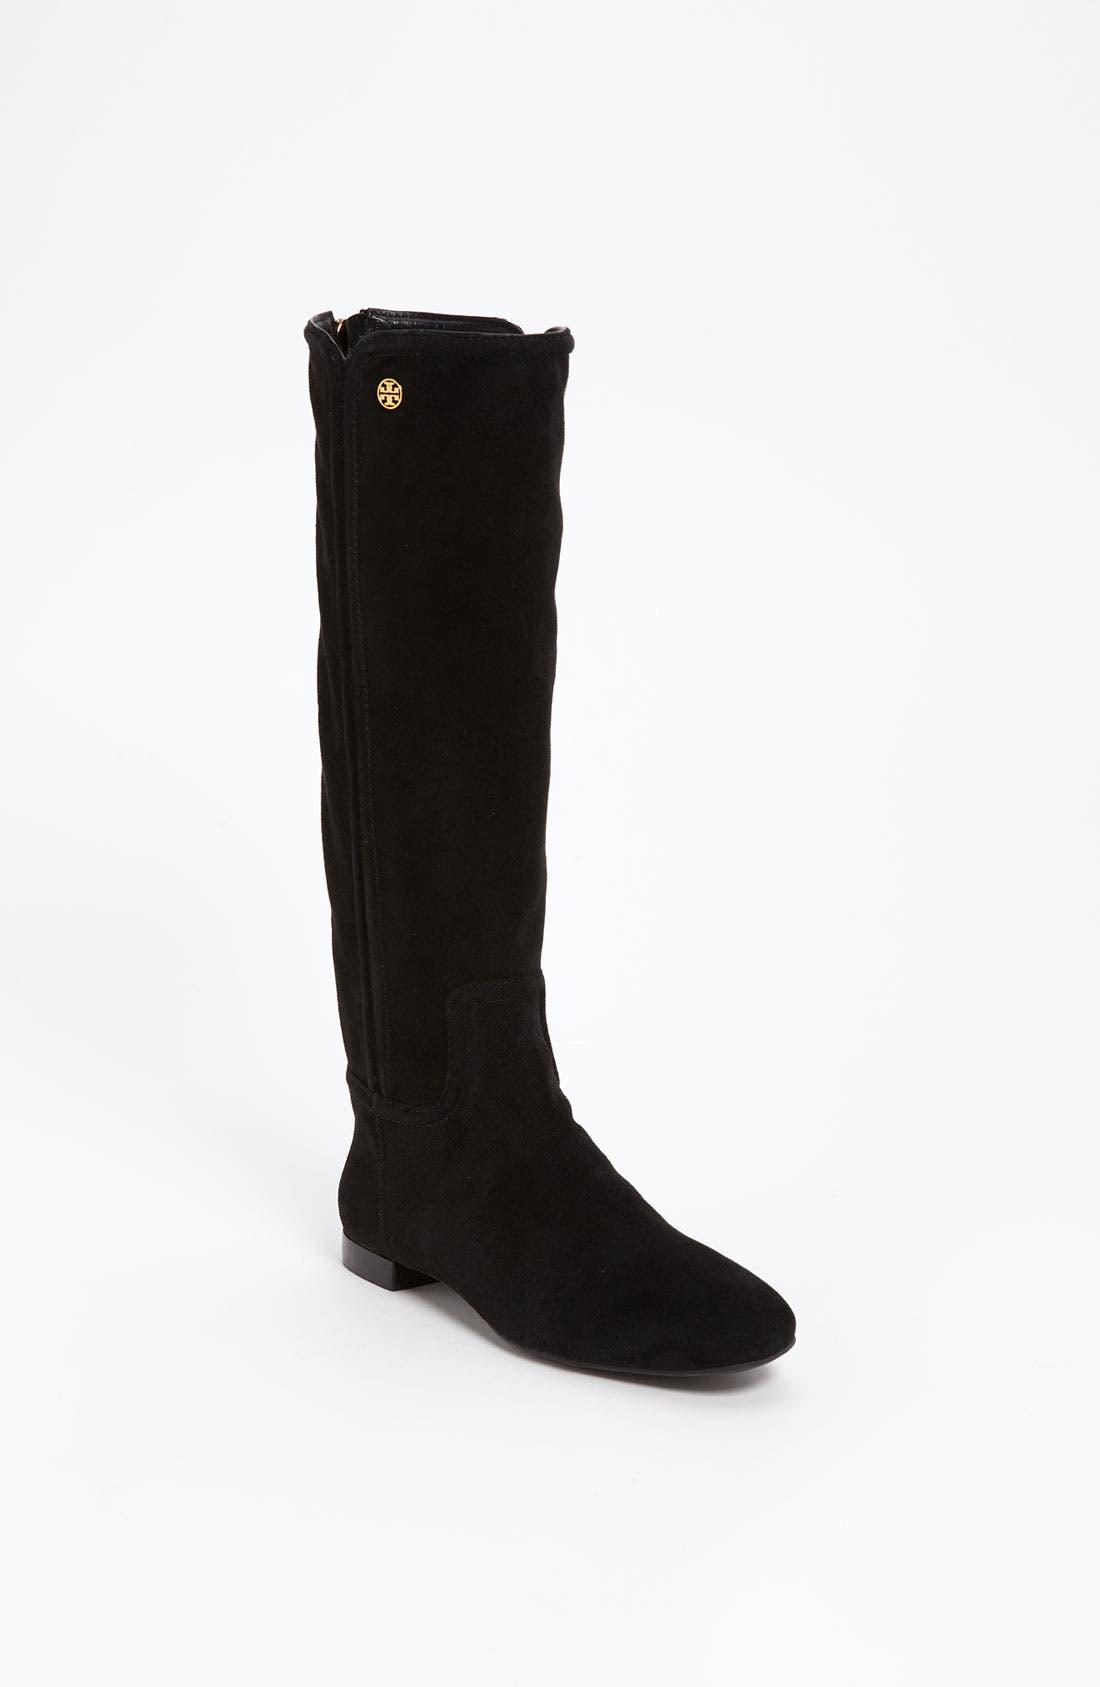 Main Image - Tory Burch 'Irene' Tall Boot